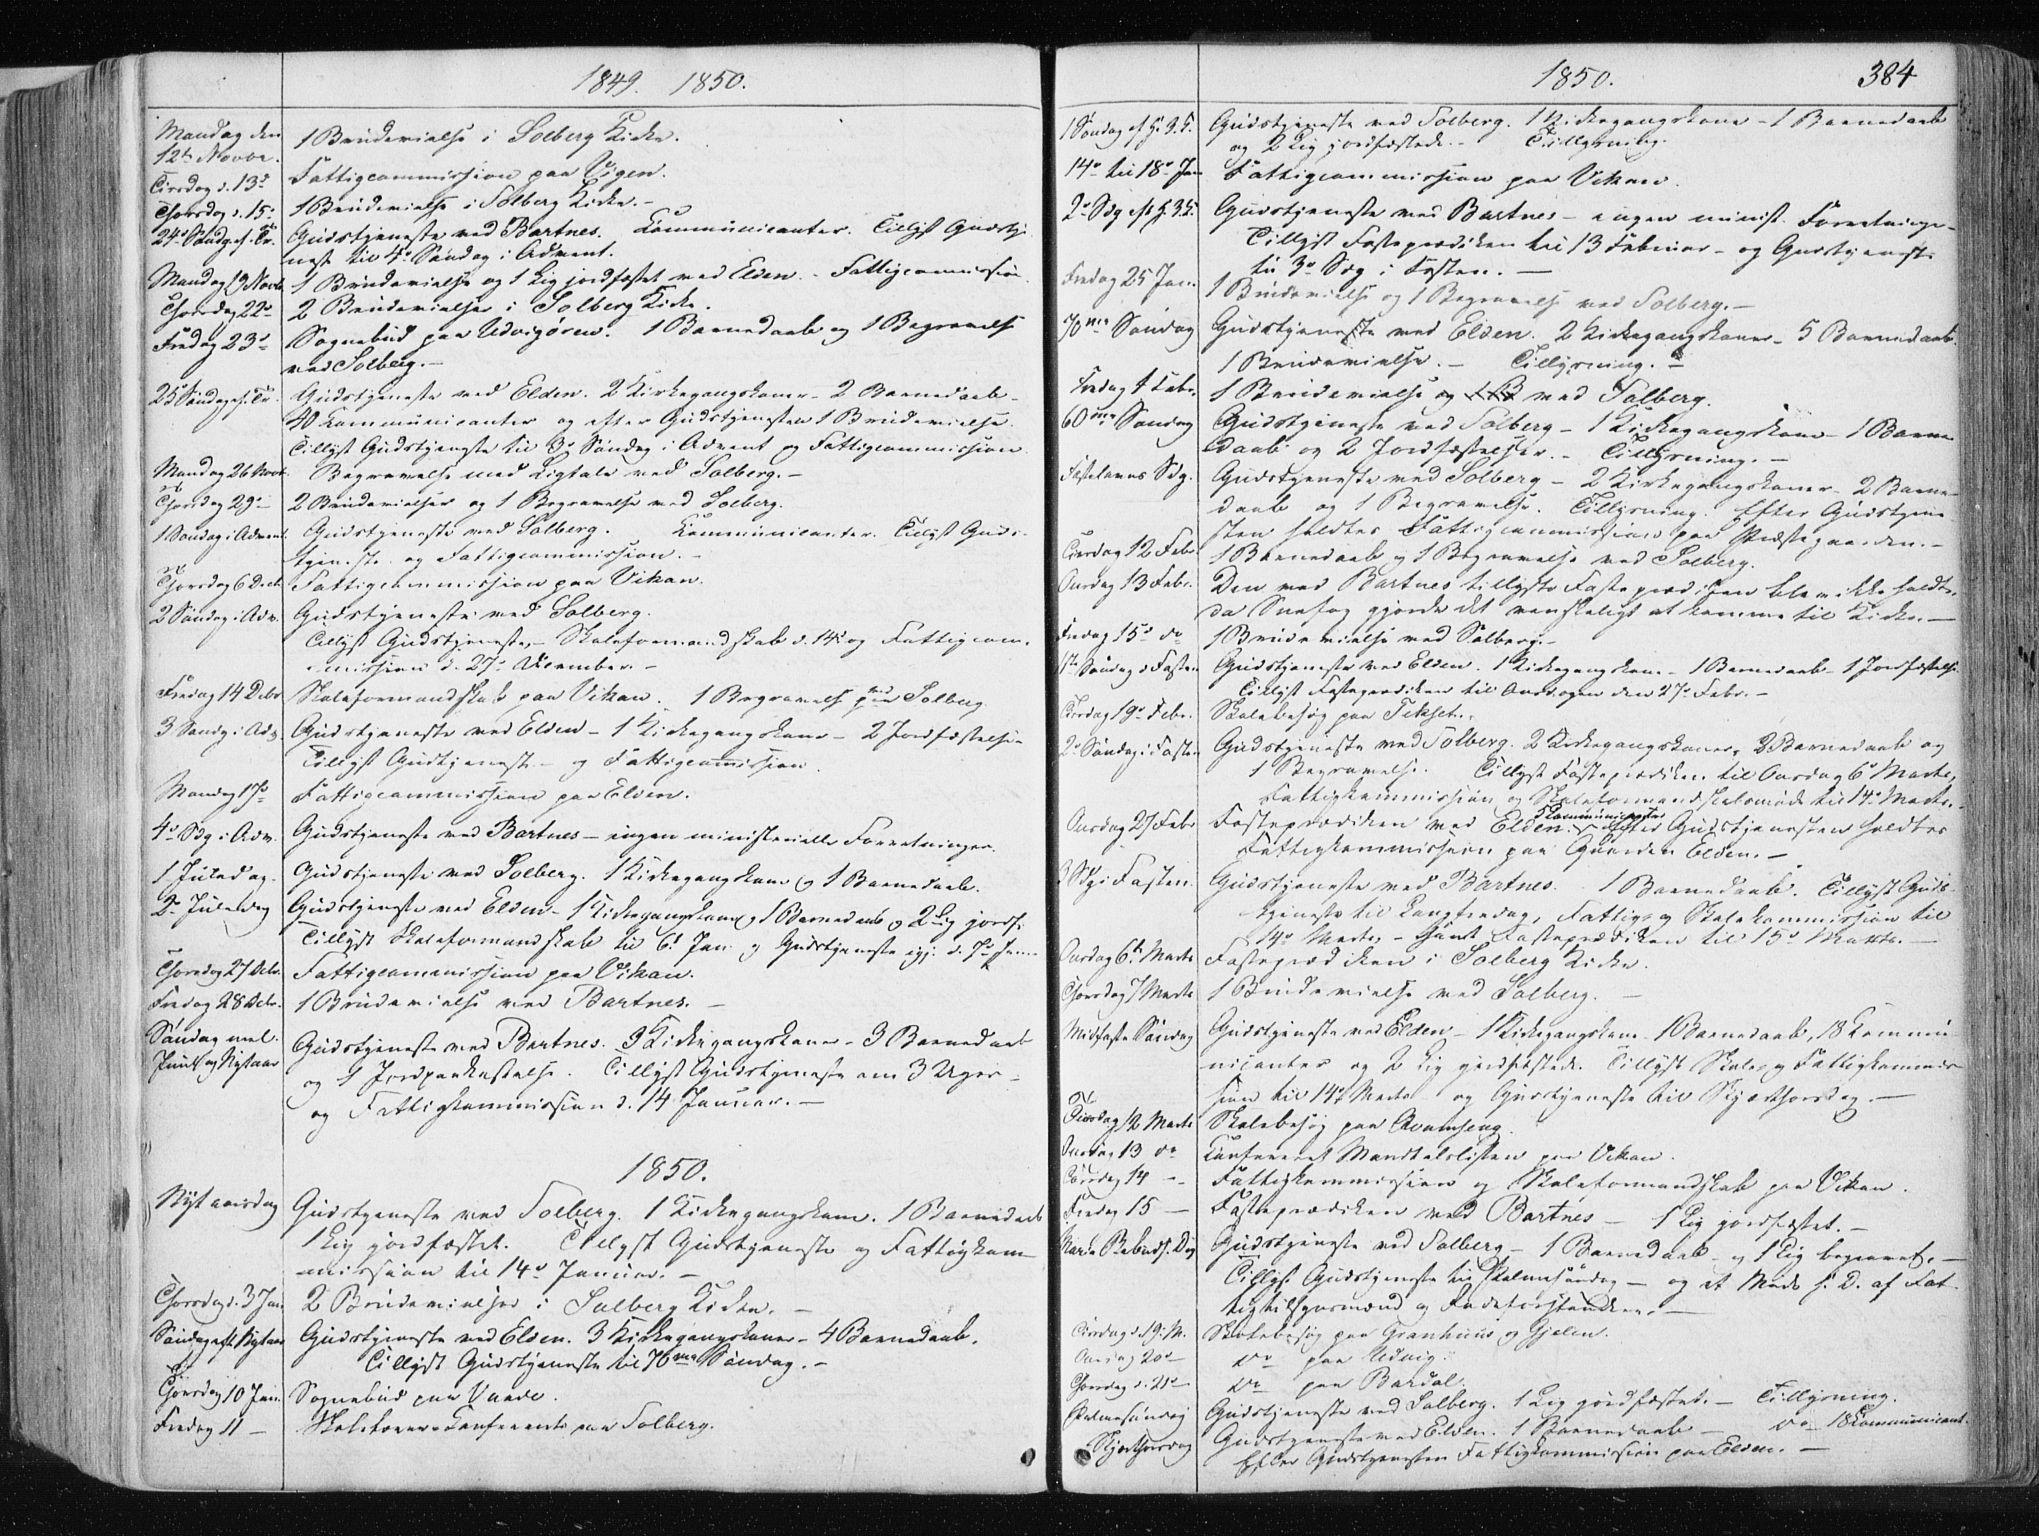 SAT, Ministerialprotokoller, klokkerbøker og fødselsregistre - Nord-Trøndelag, 741/L0393: Ministerialbok nr. 741A07, 1849-1863, s. 384